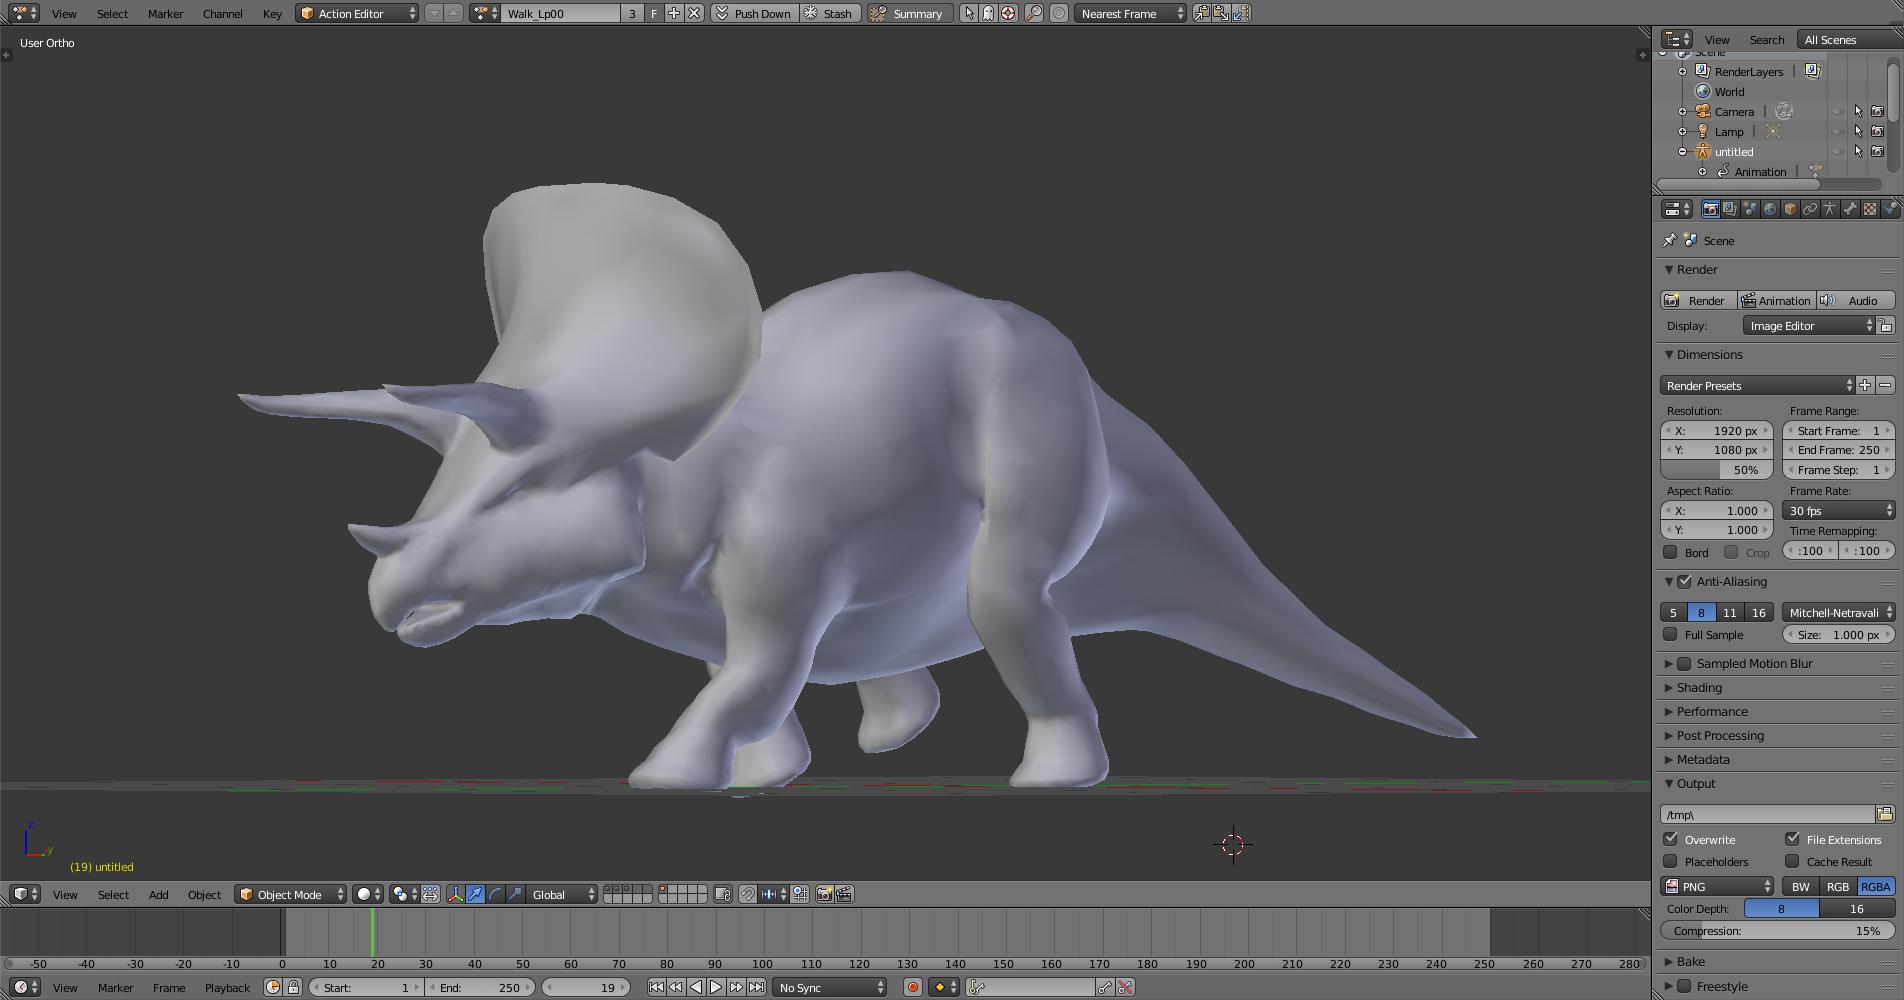 Model of the Jurasic Park Triceratops